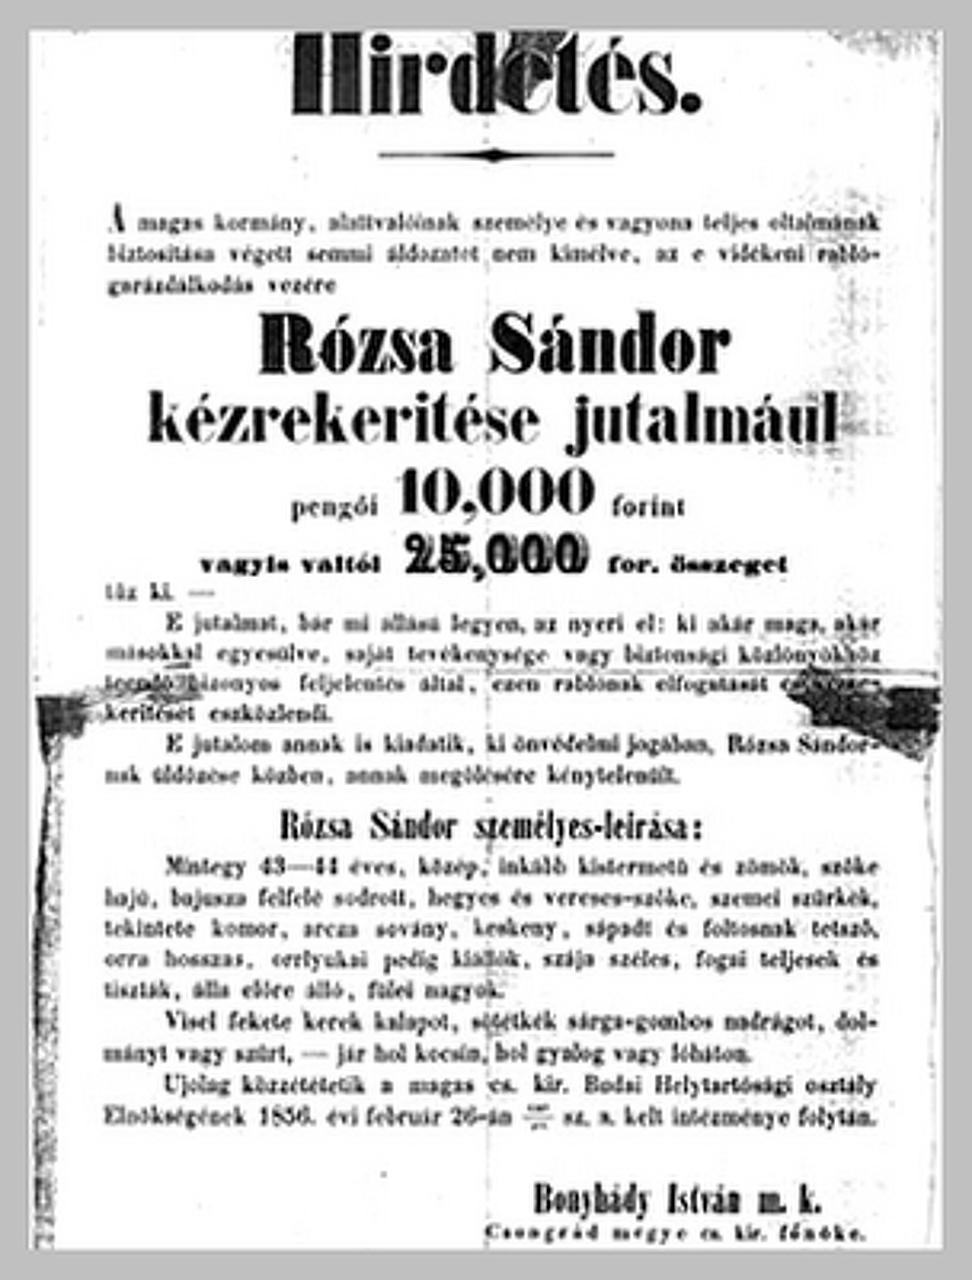 Rózsa Sándor WANTED